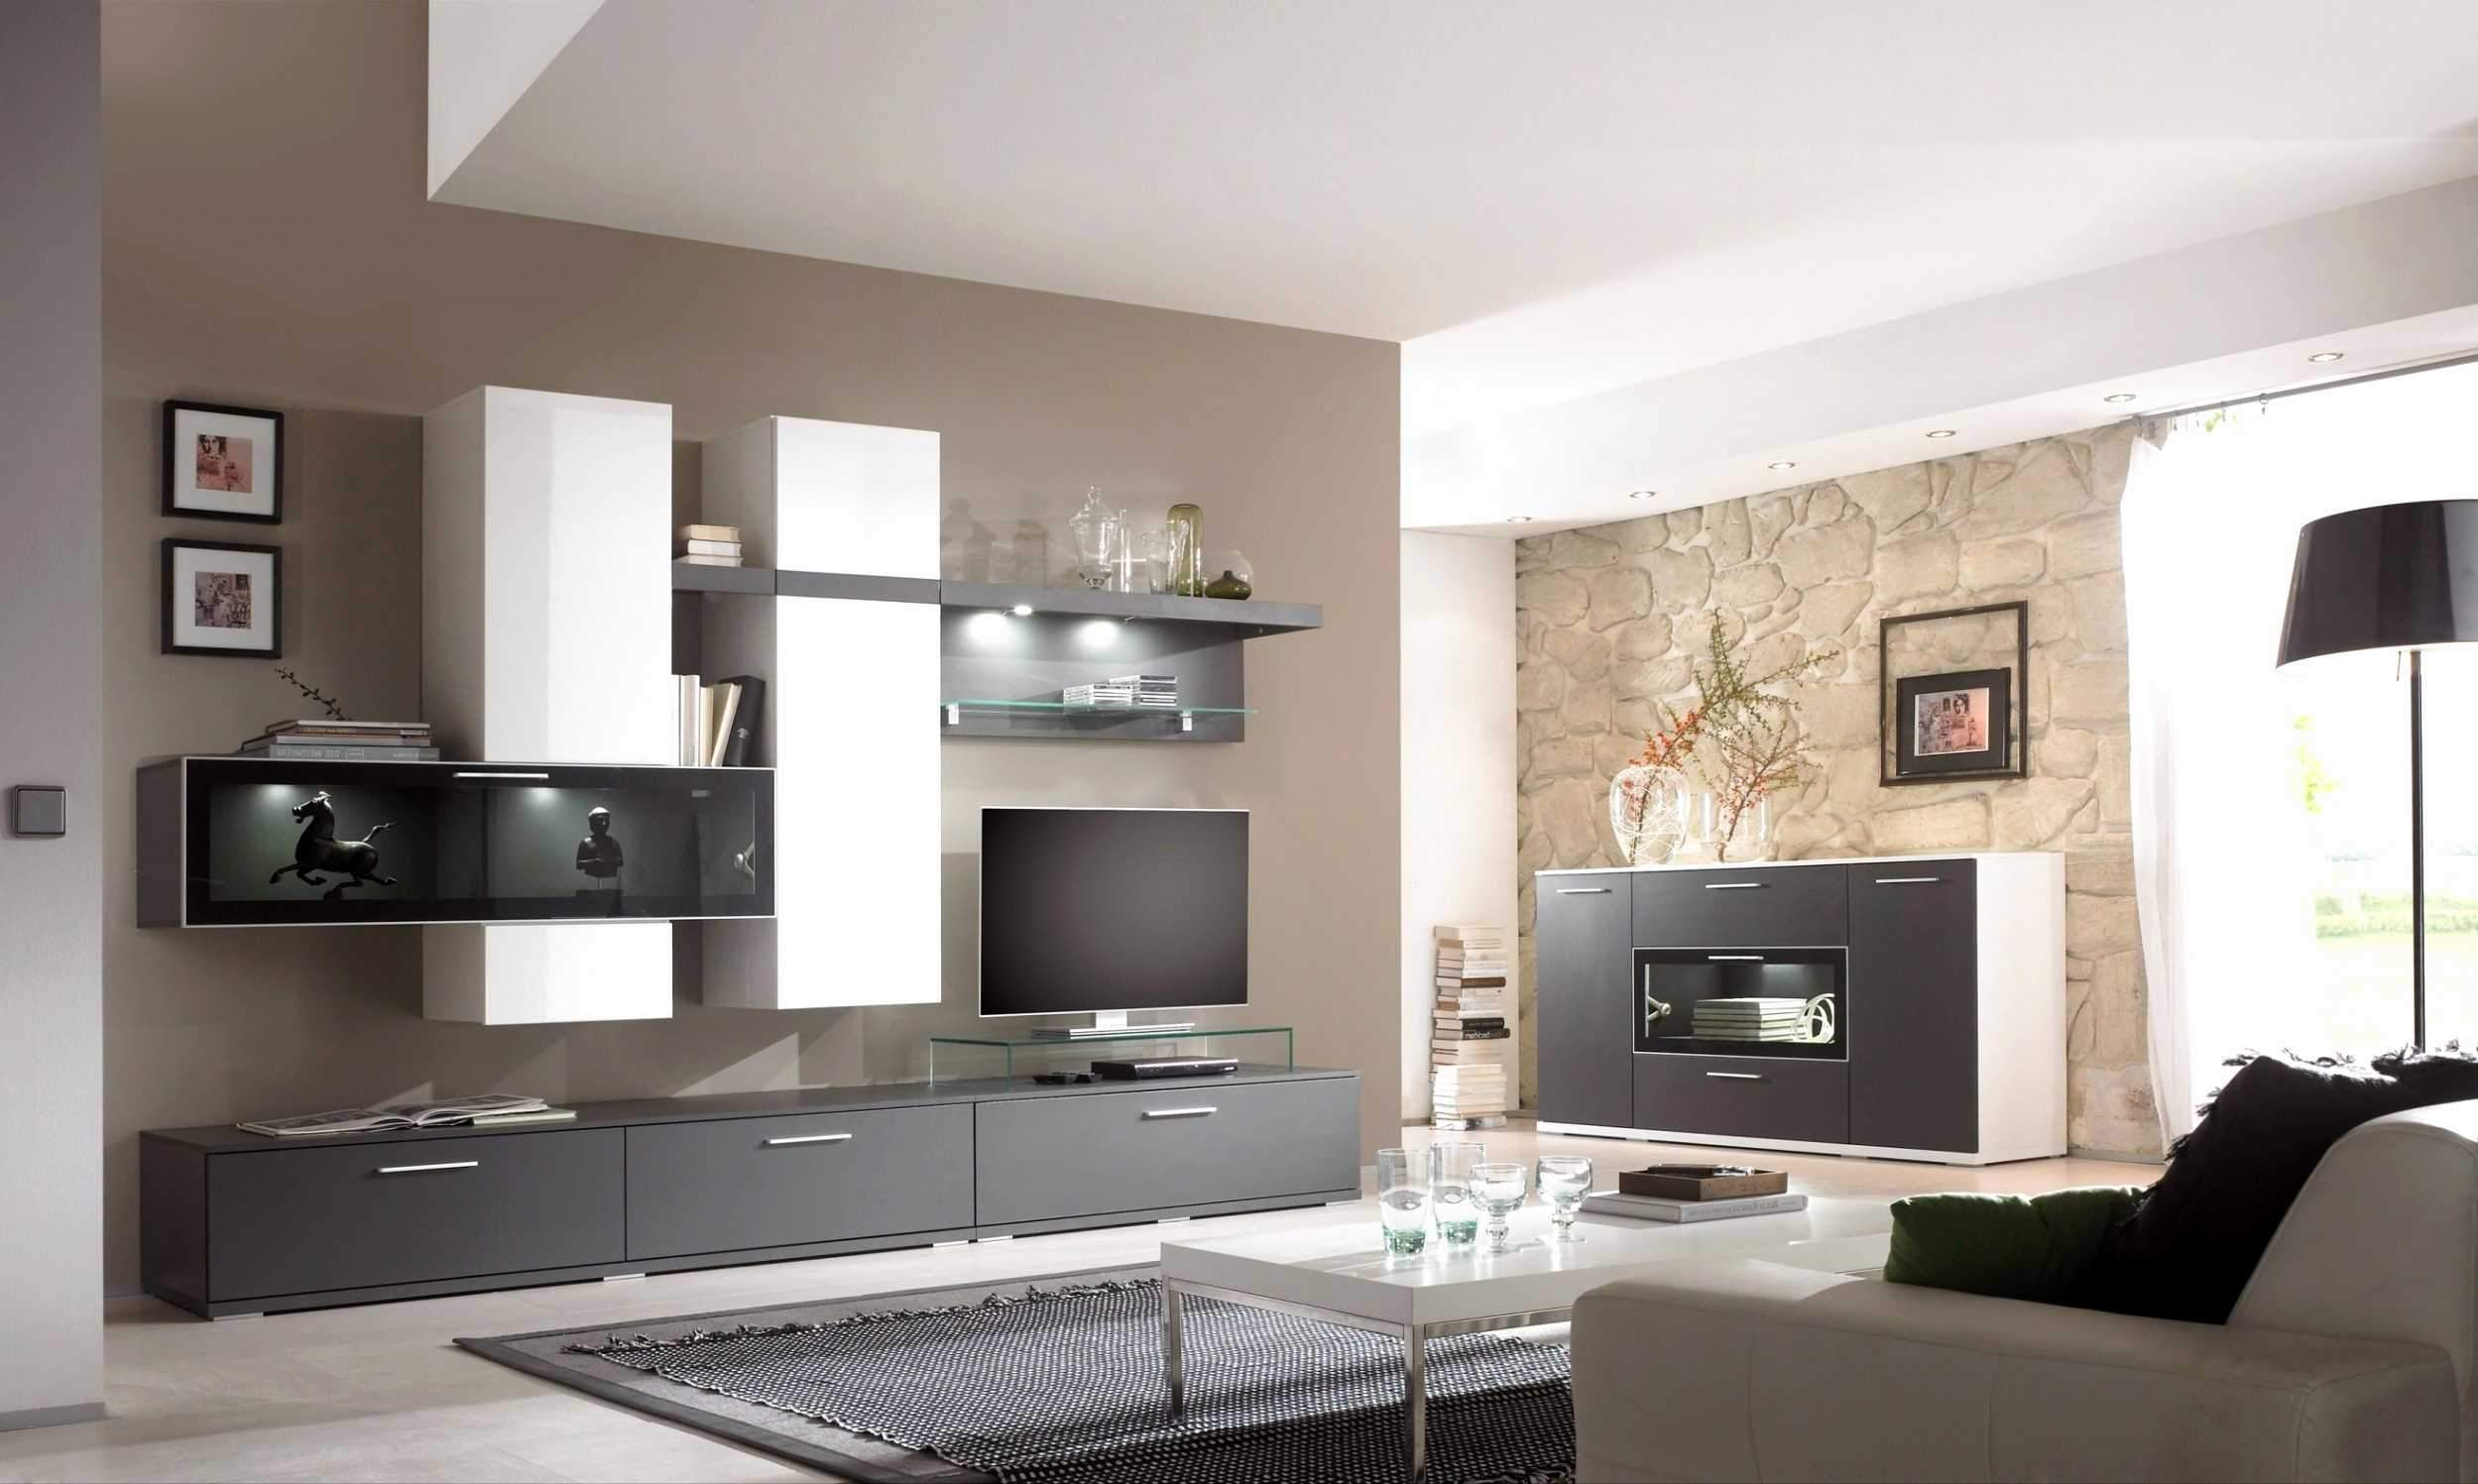 Full Size of Betonwand Wohnzimmer Inspirierend Einzigartig Scheibengardinen Küche Industrial Esstisch Wohnzimmer Scheibengardine Industrial